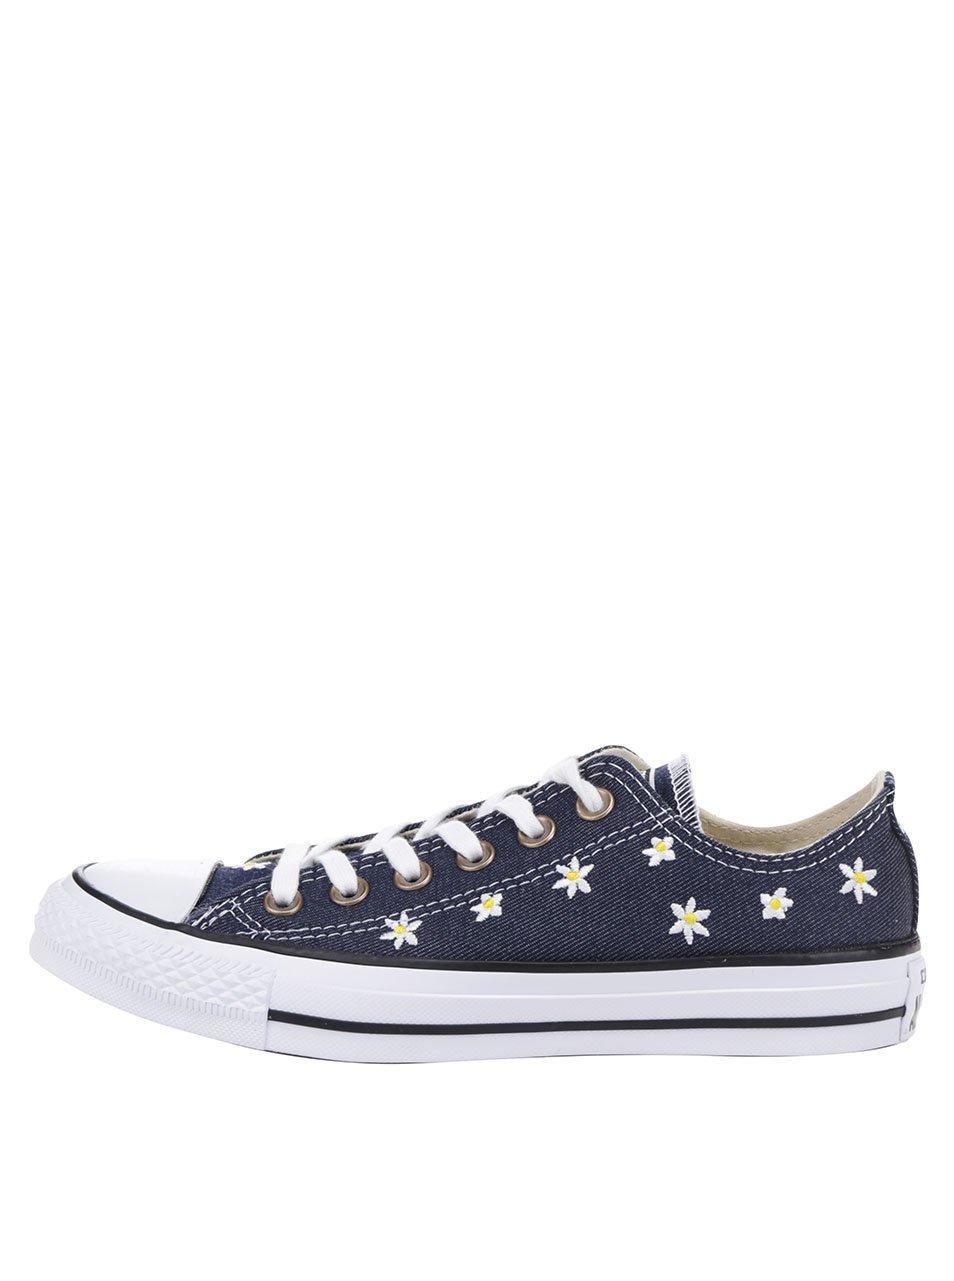 Tmavě modré dámské tenisky Converse